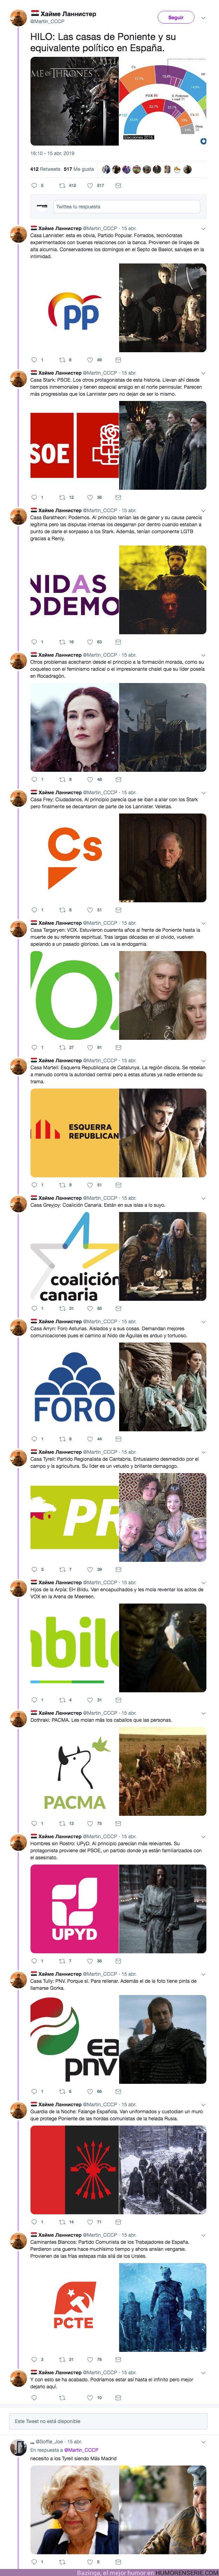 37313 - Las casas de Poniente y su equivalente político en España.